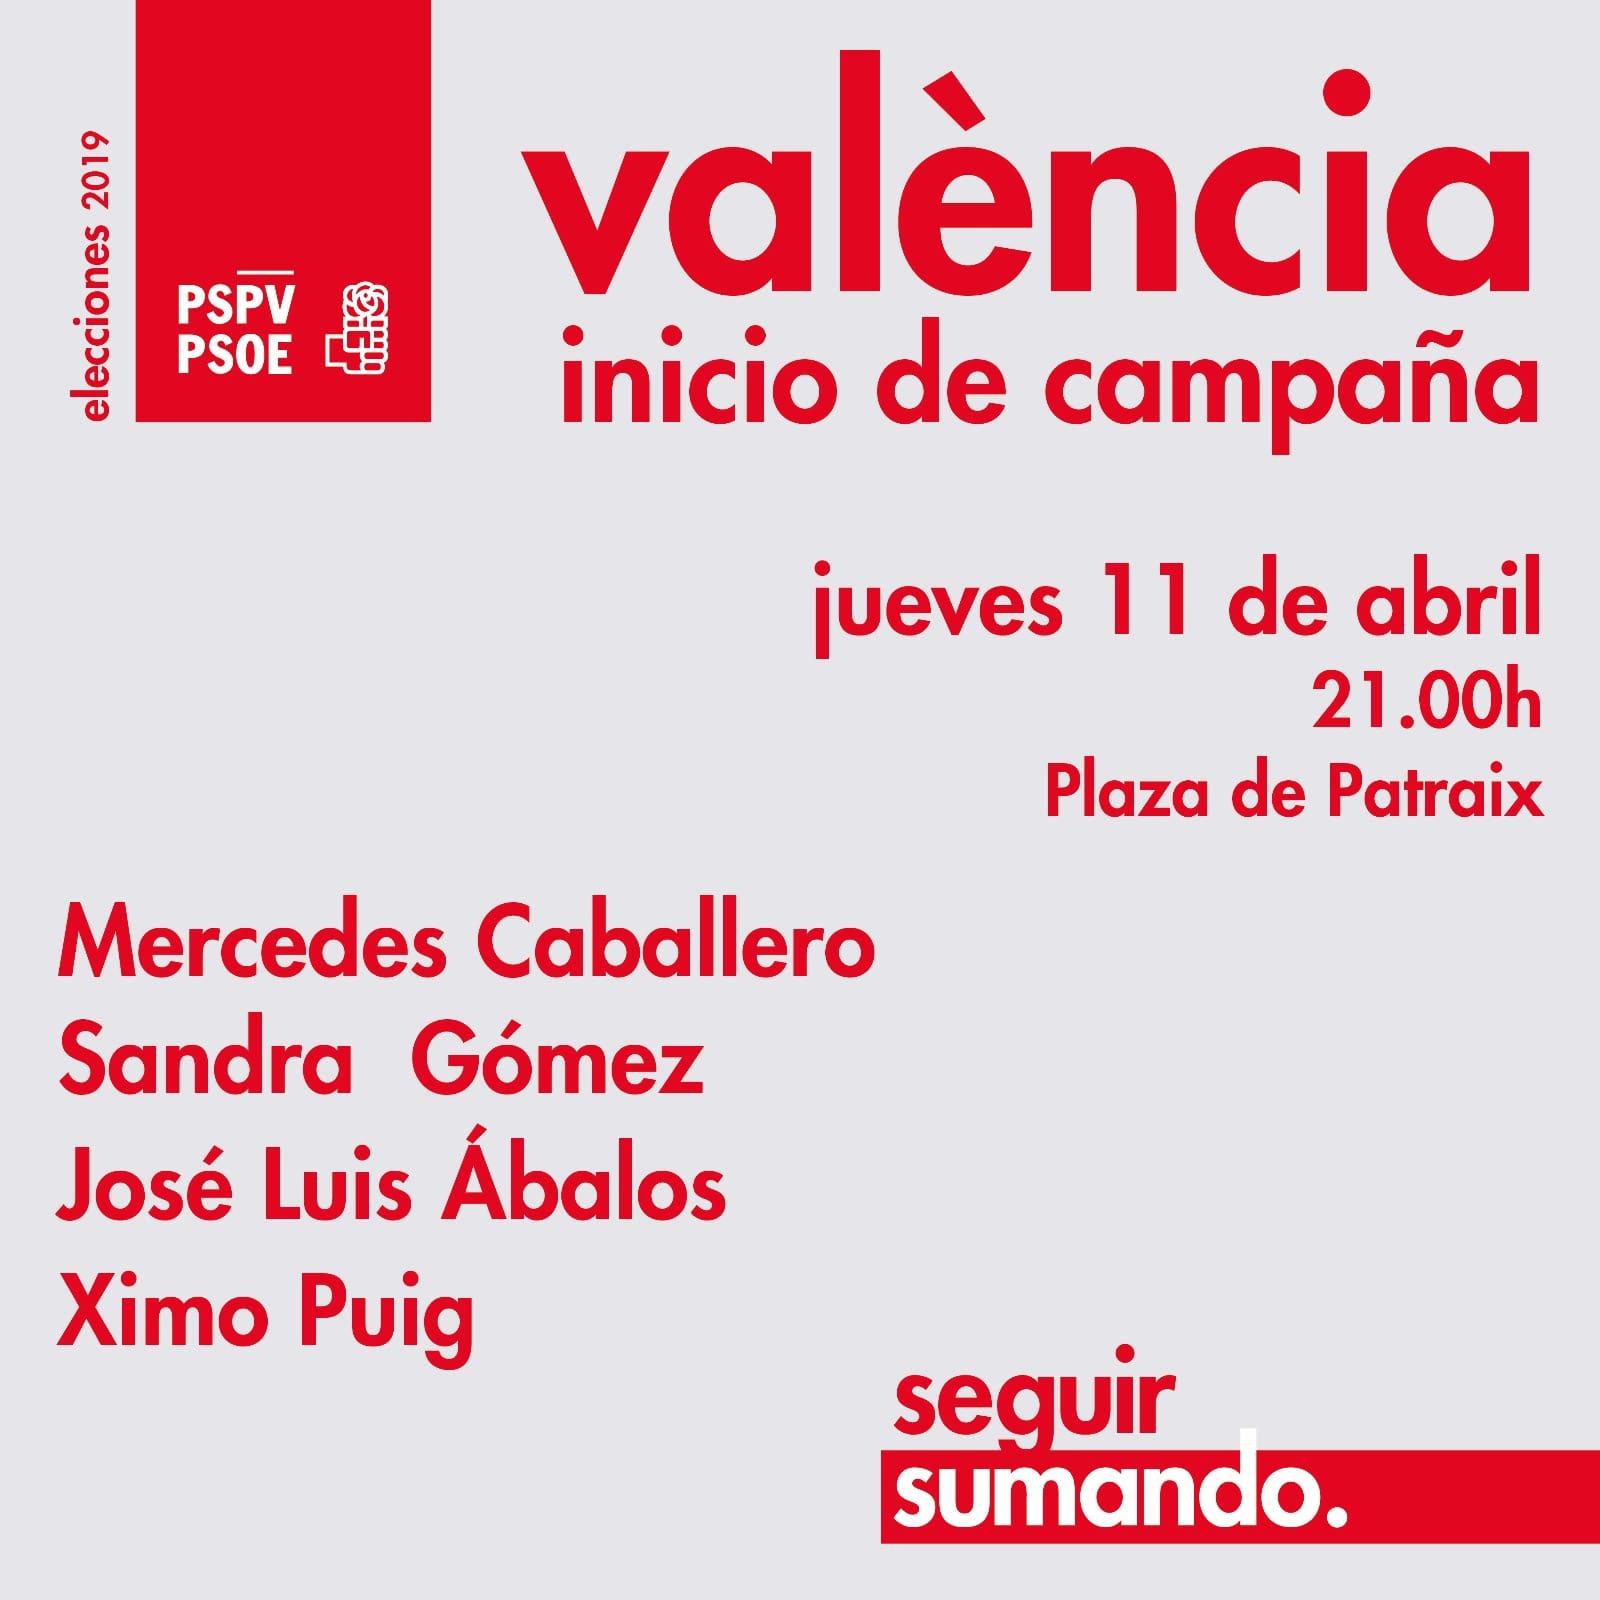 Inici de campanya autonòmica en València